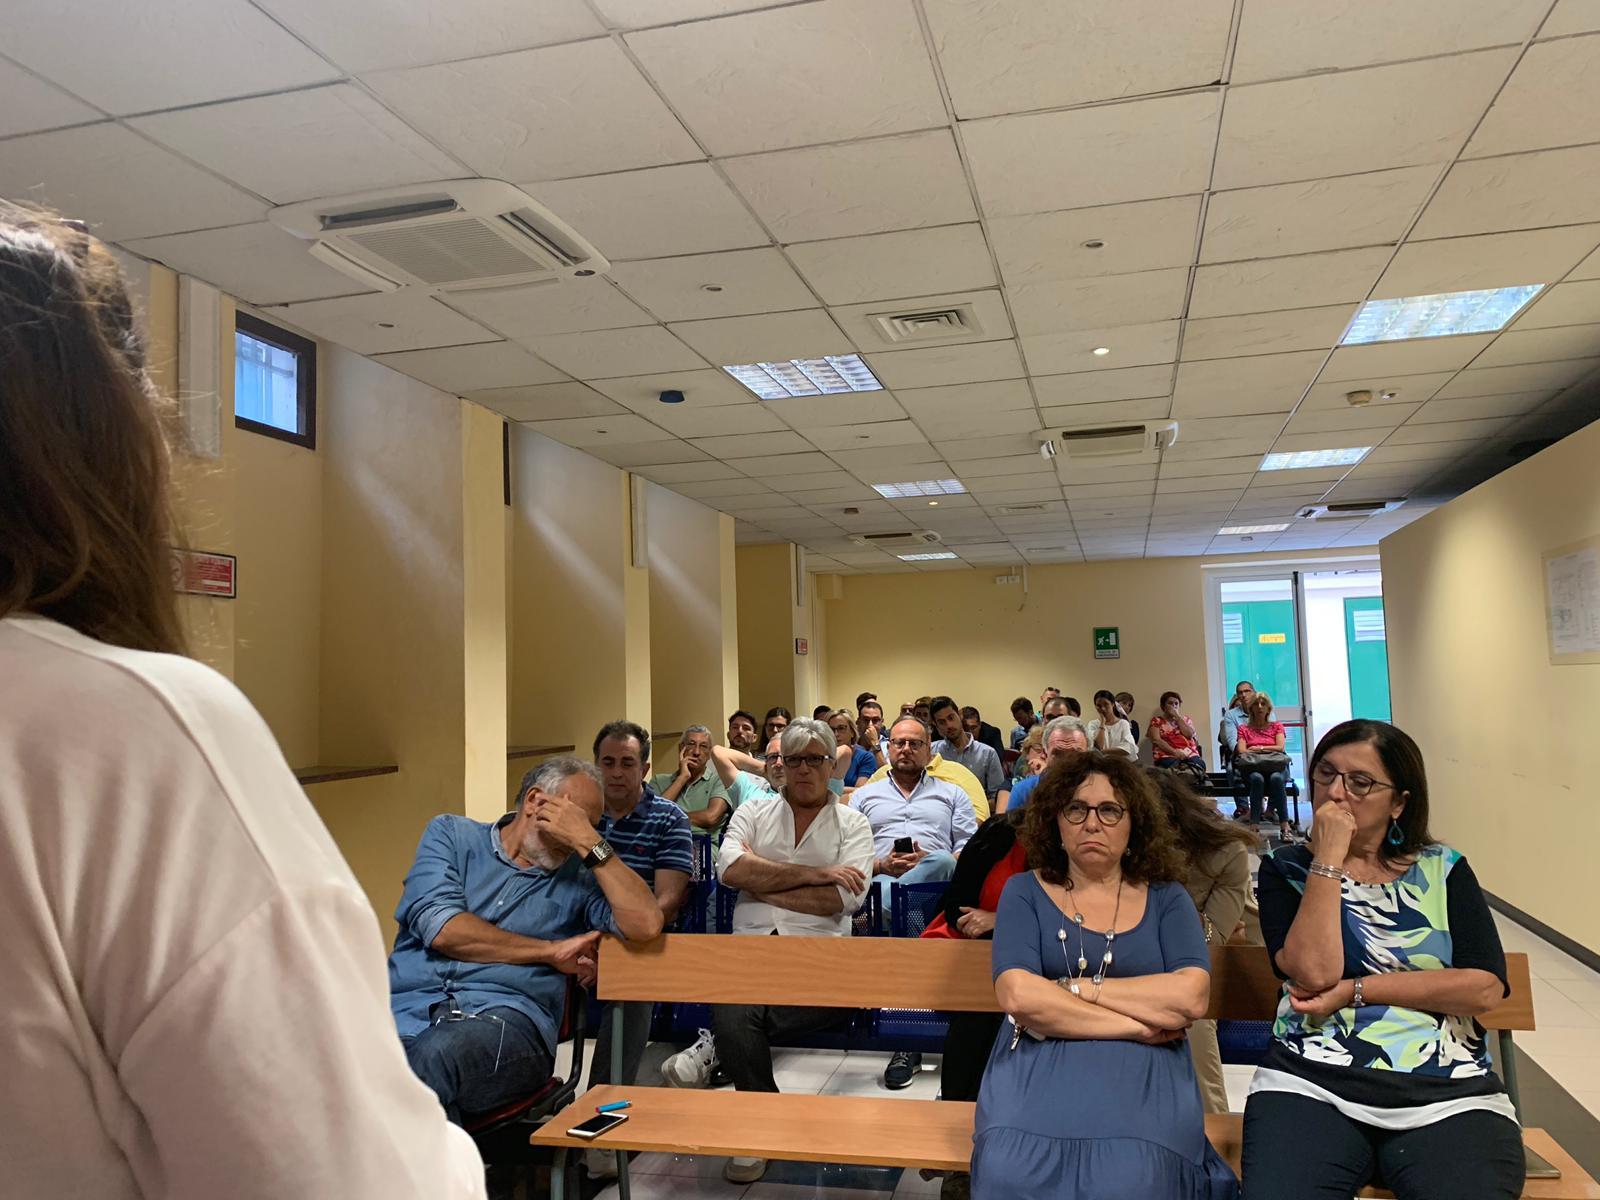 Le rivendicazioni dei lavoratori Inps, Fp Cgil Sicilia organizza mobilitazione regionale a Palermo